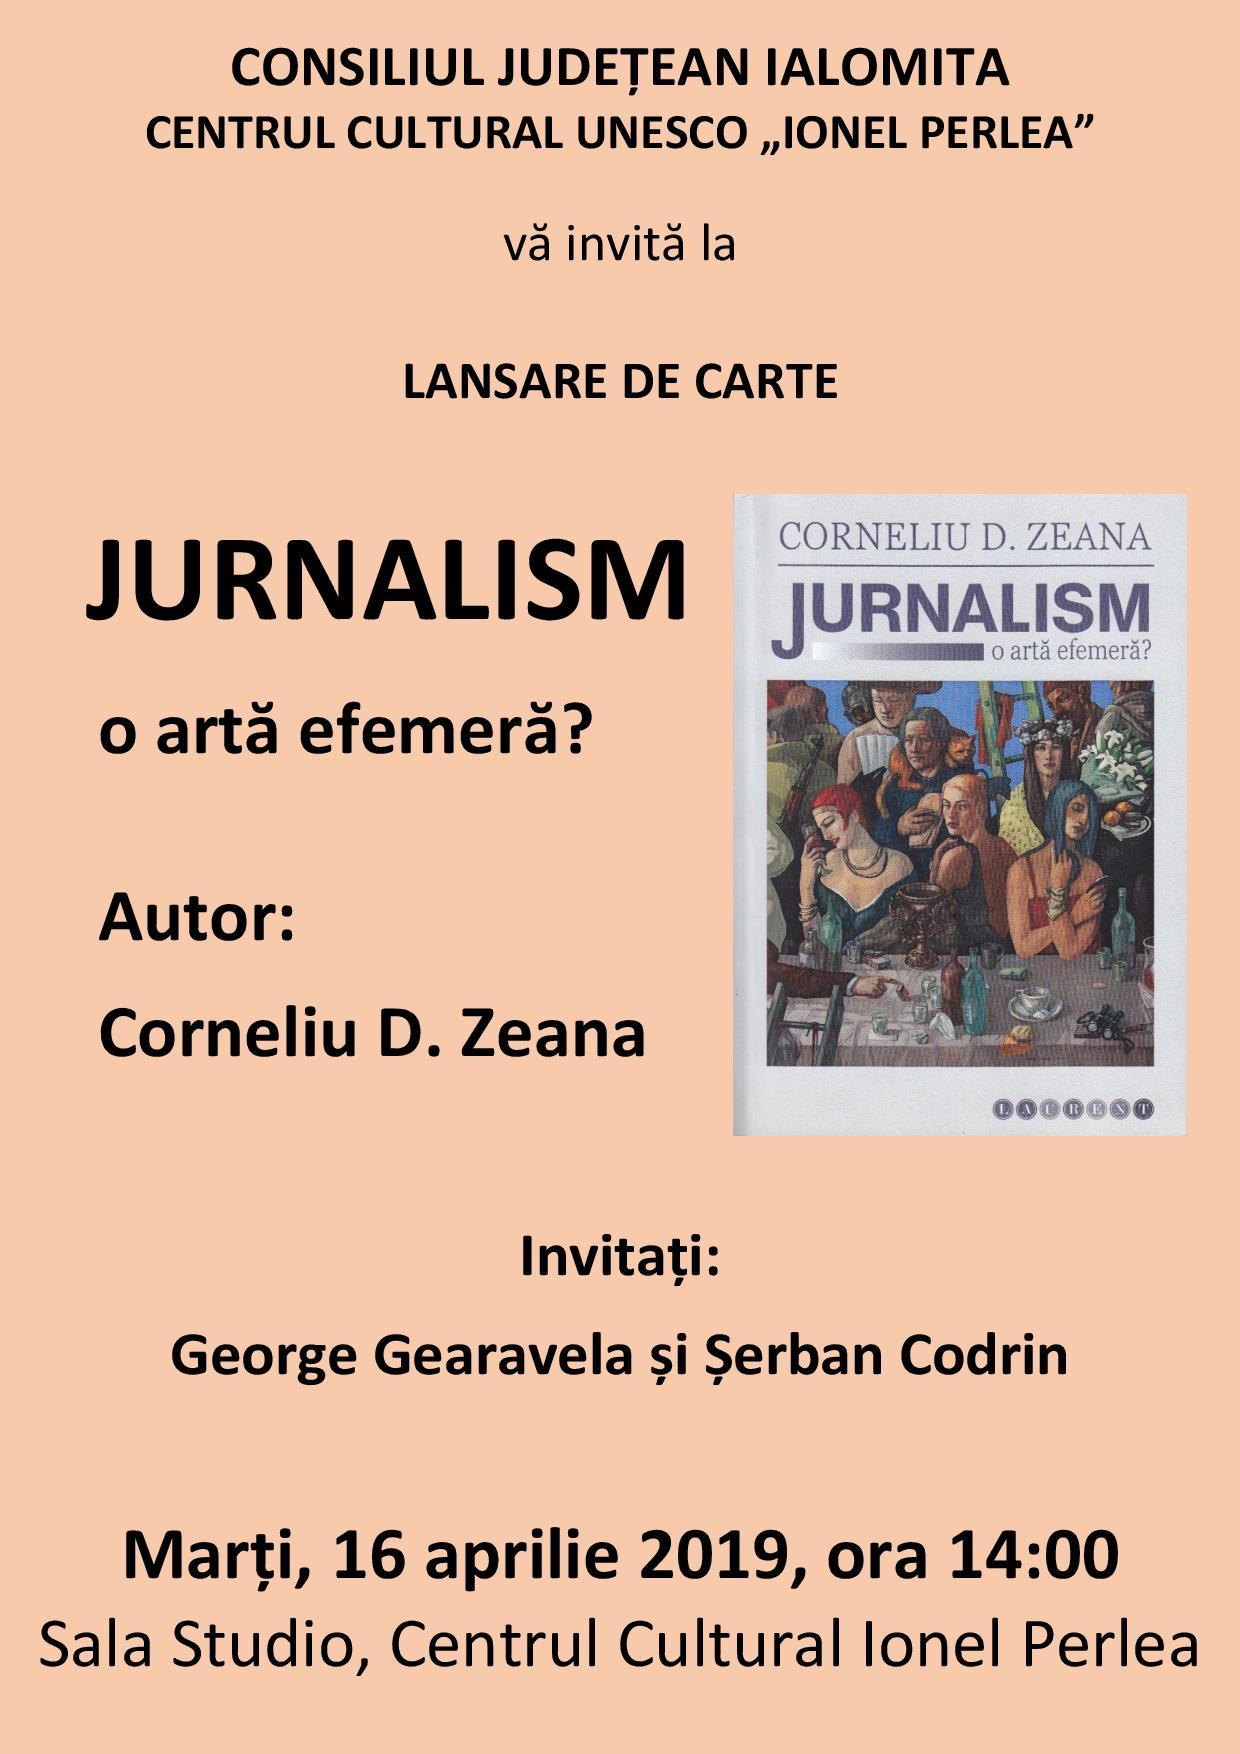 LANSARE DE CARTE – JURNALISM o artă efemeră? Autor: Corneliu D. Zeana, 16 aprilie 2019, ora 14.00